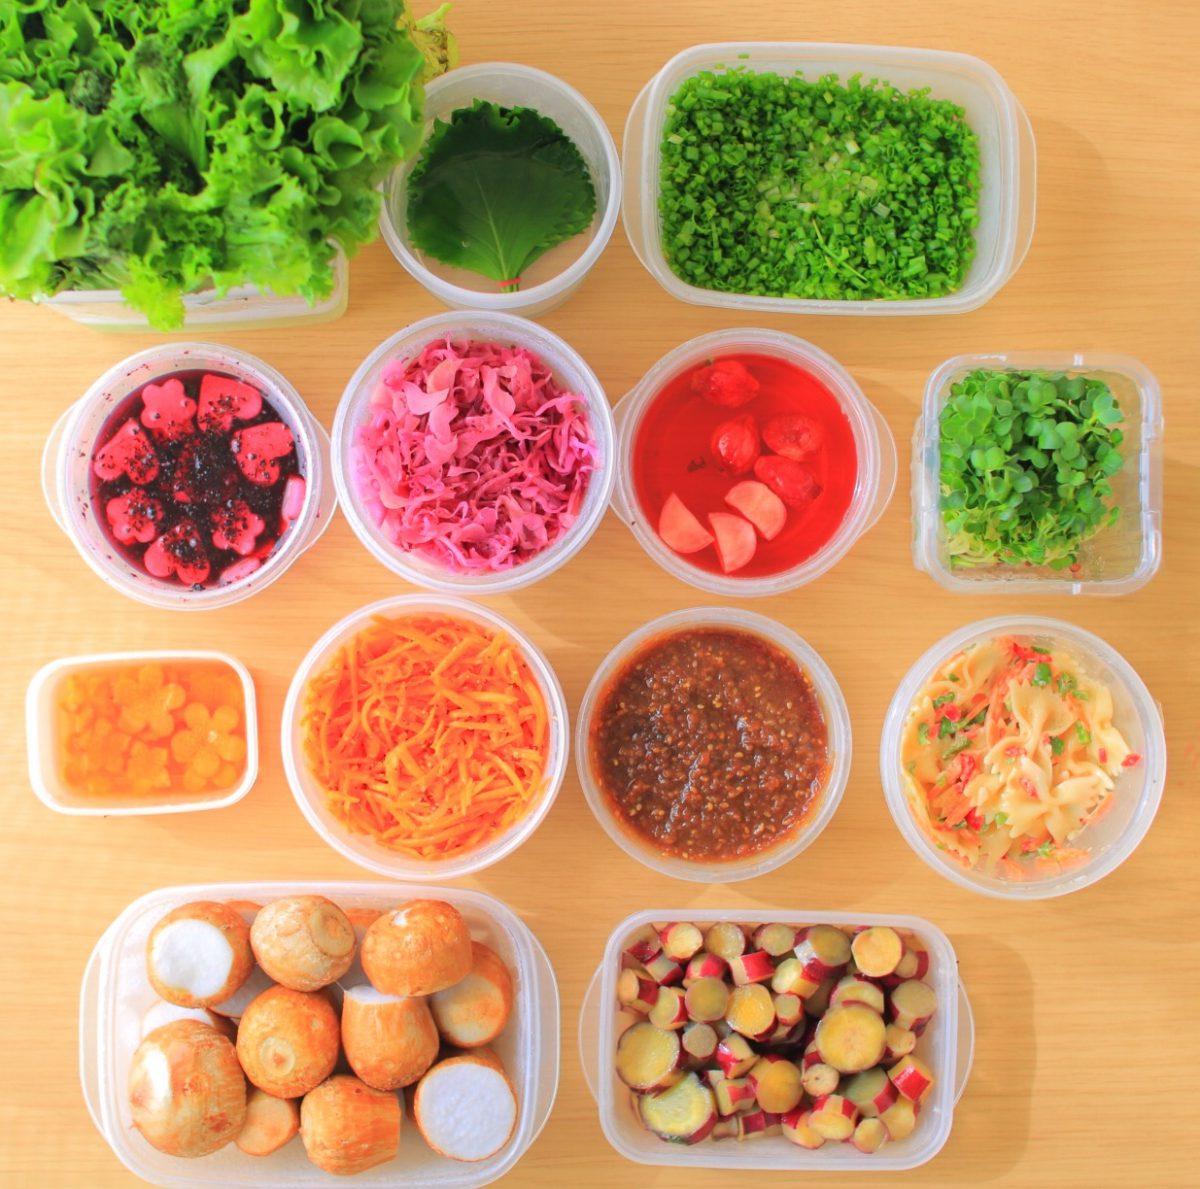 惣菜の冷凍食品はいつまで食べられる?その期限とは?